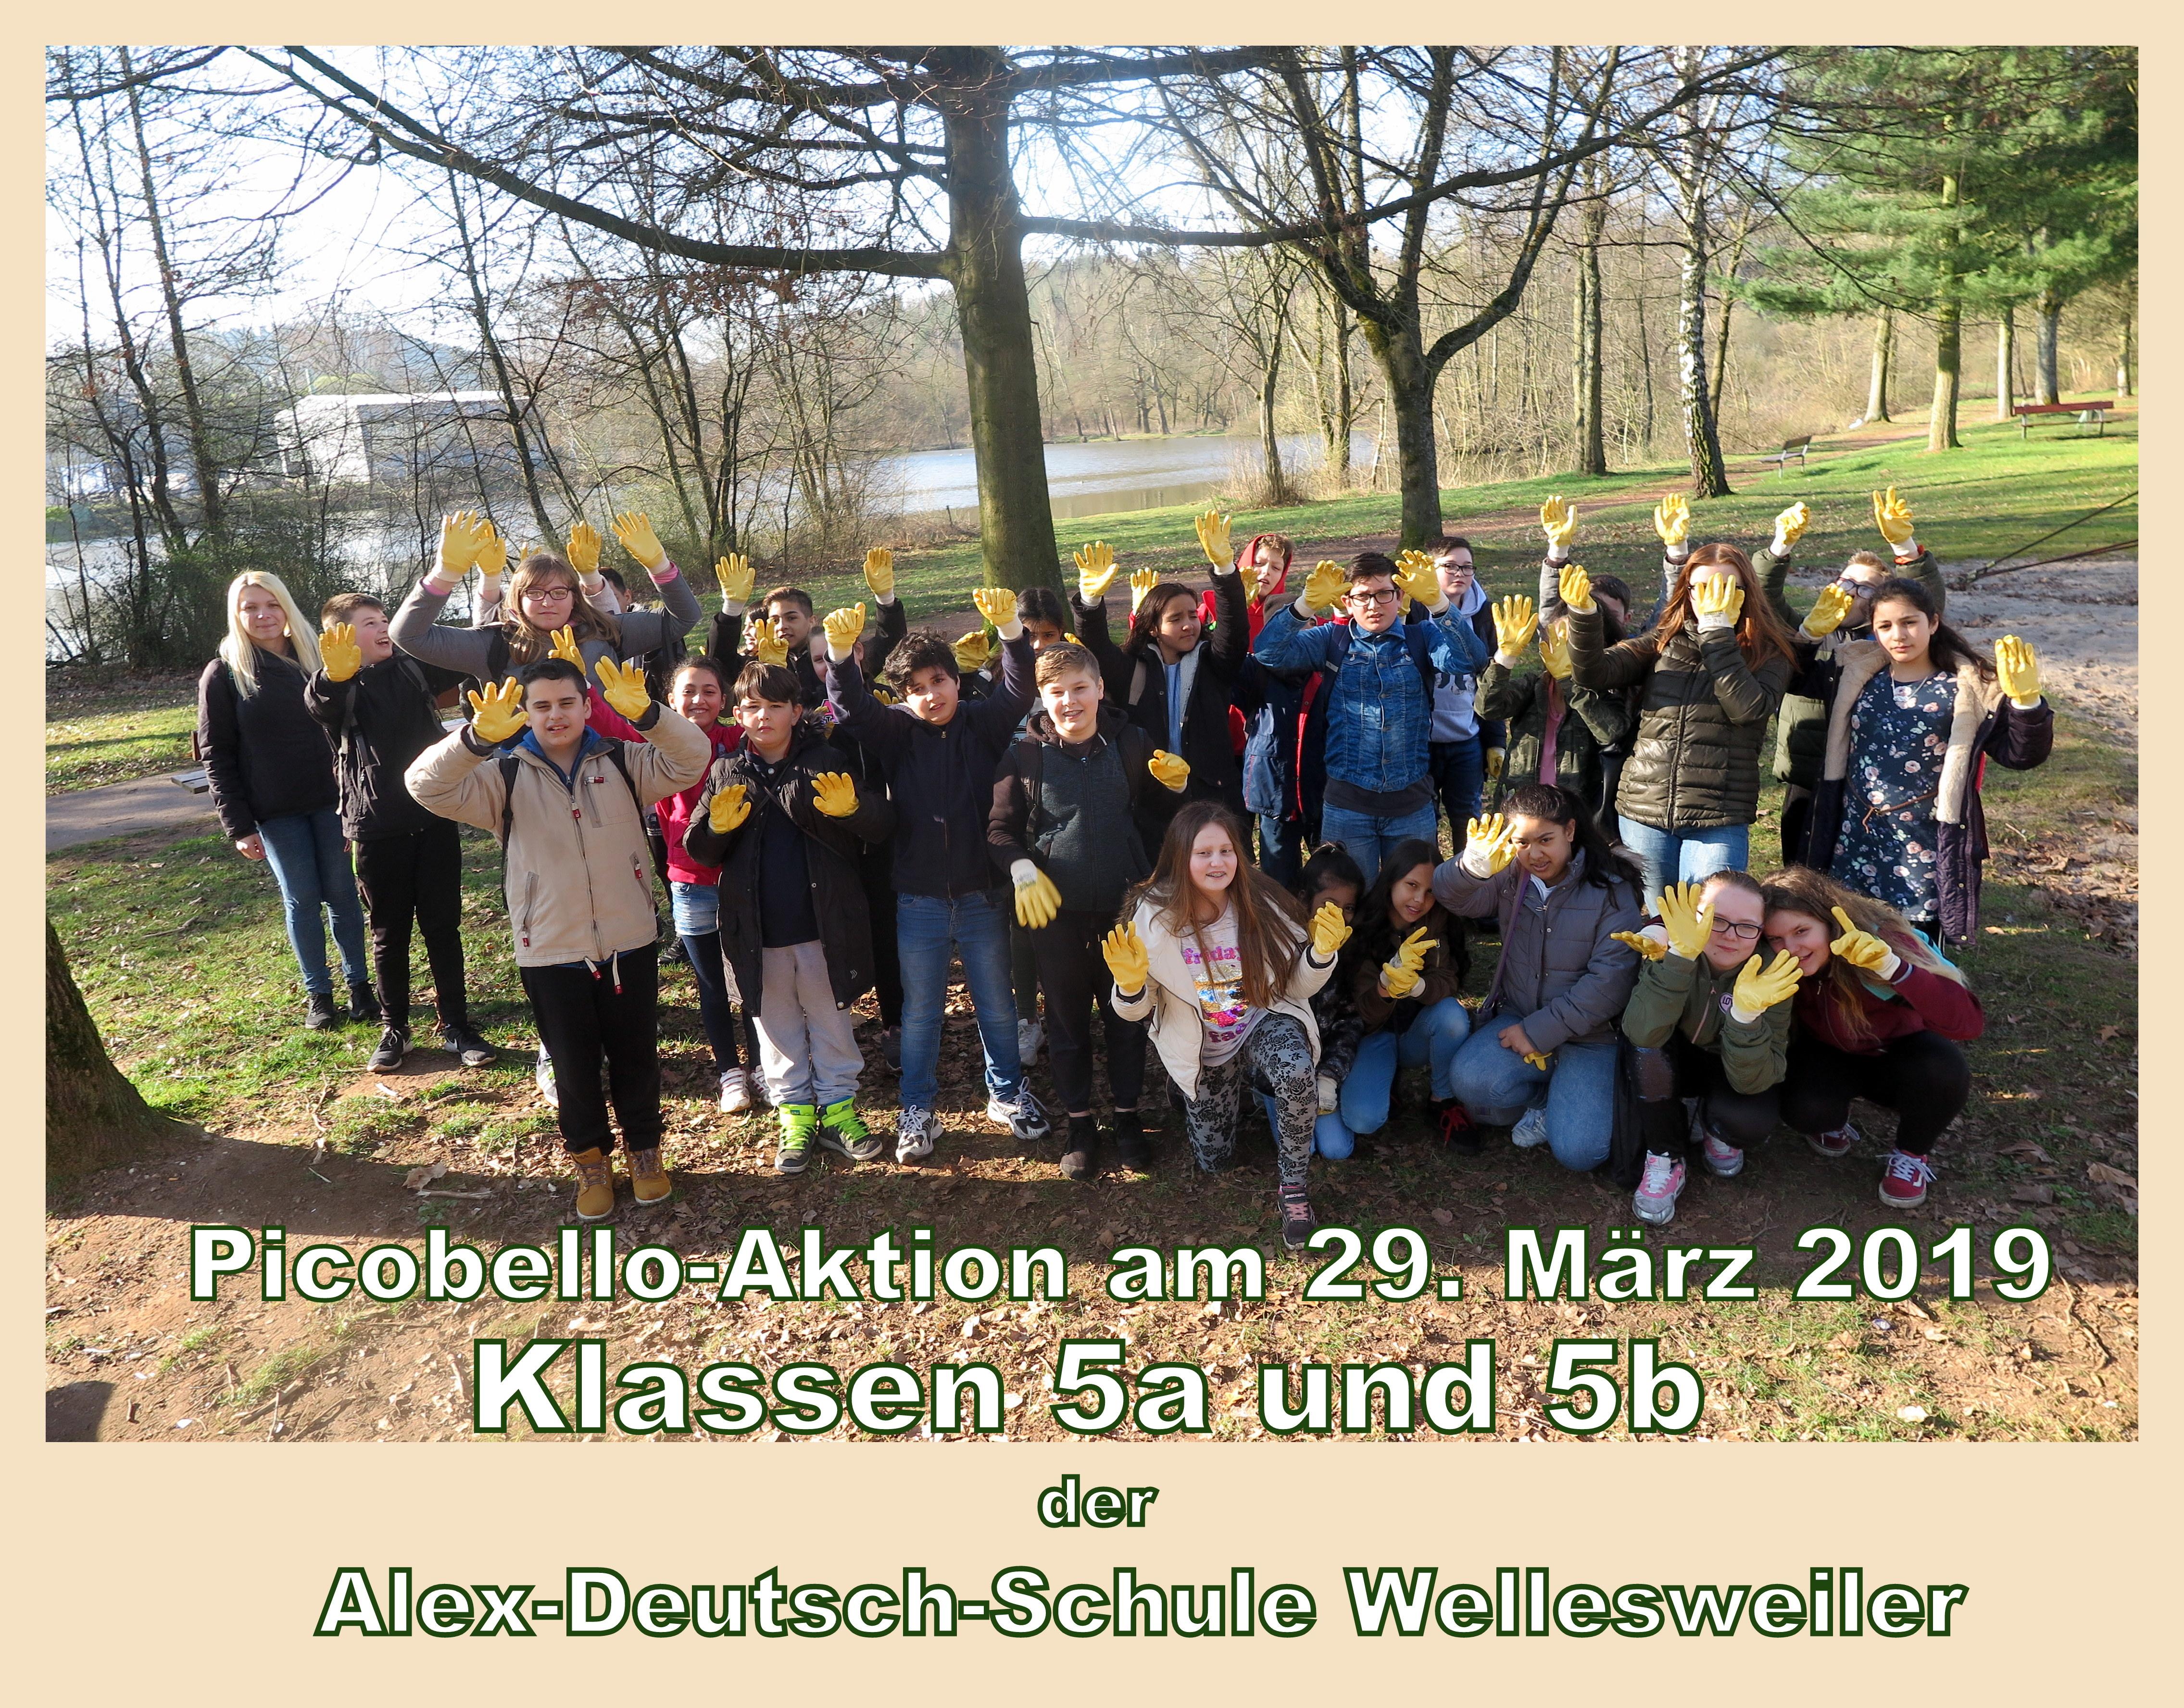 Picobello 2019 auch bei der Alex-Deutsch-Schule